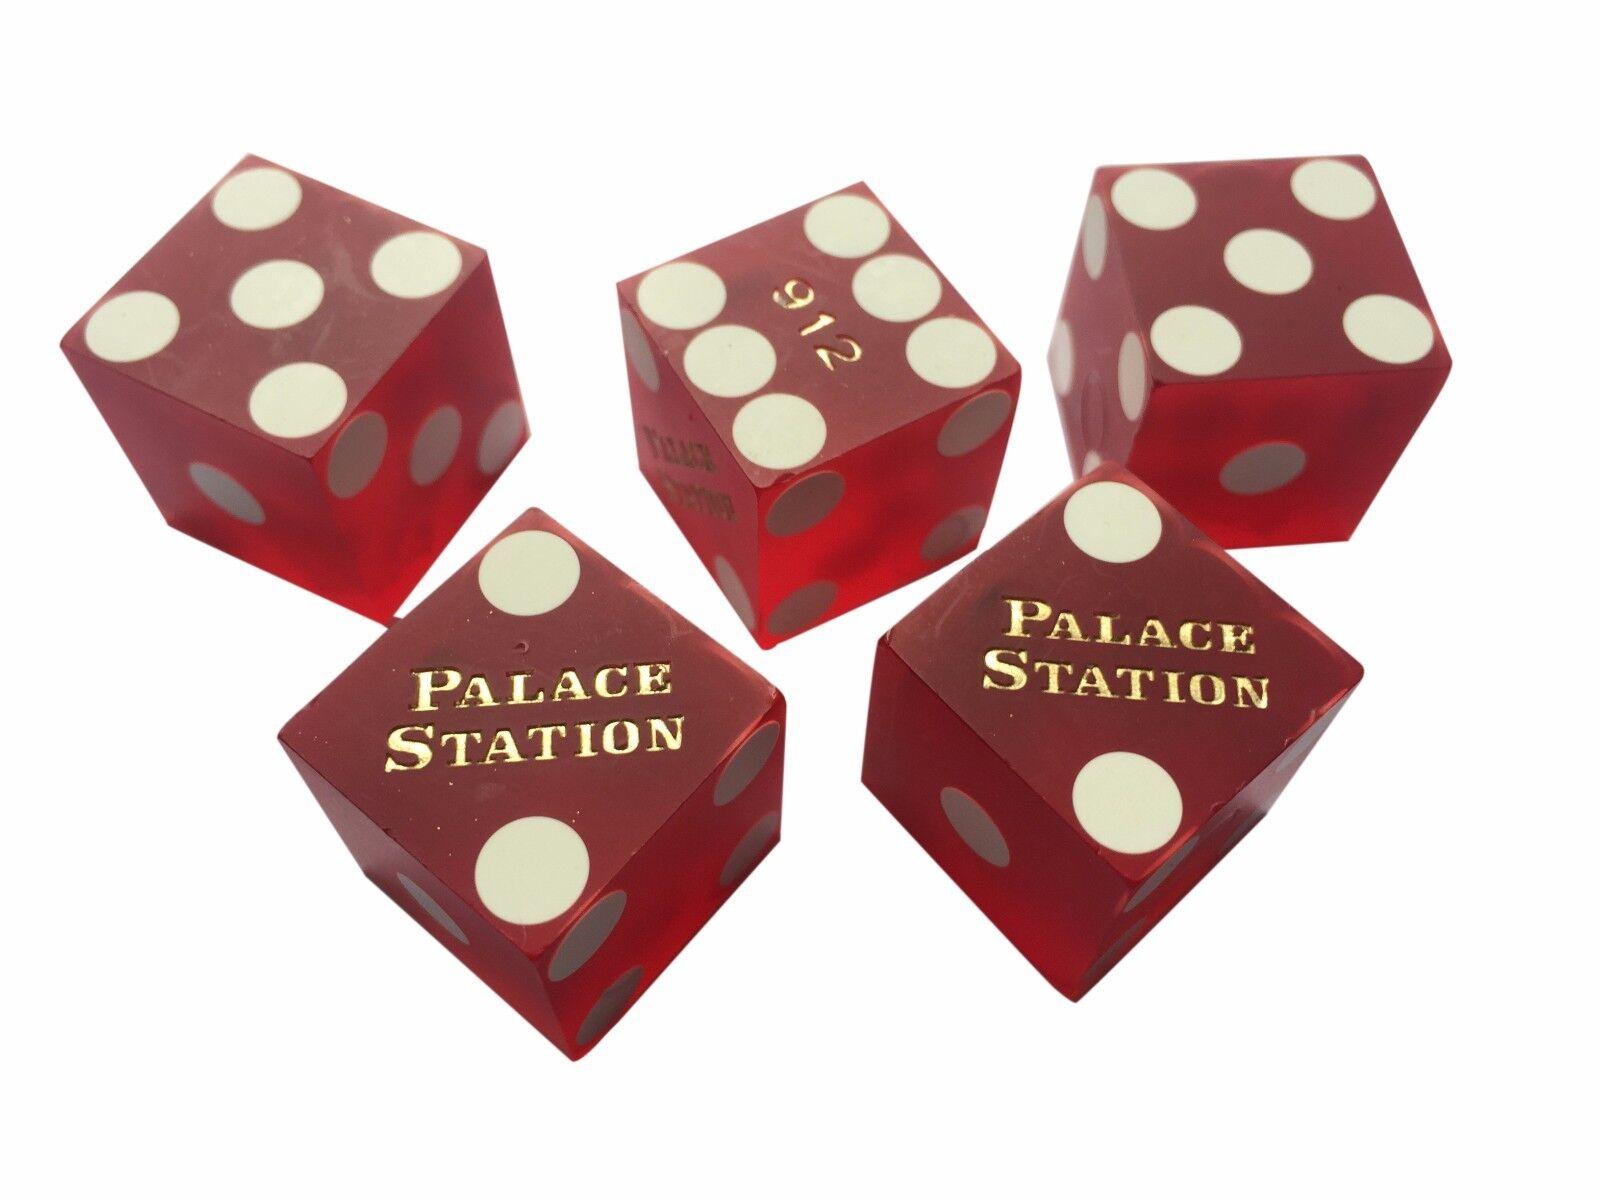 Red Las vegas Casino Dice. Palace Station